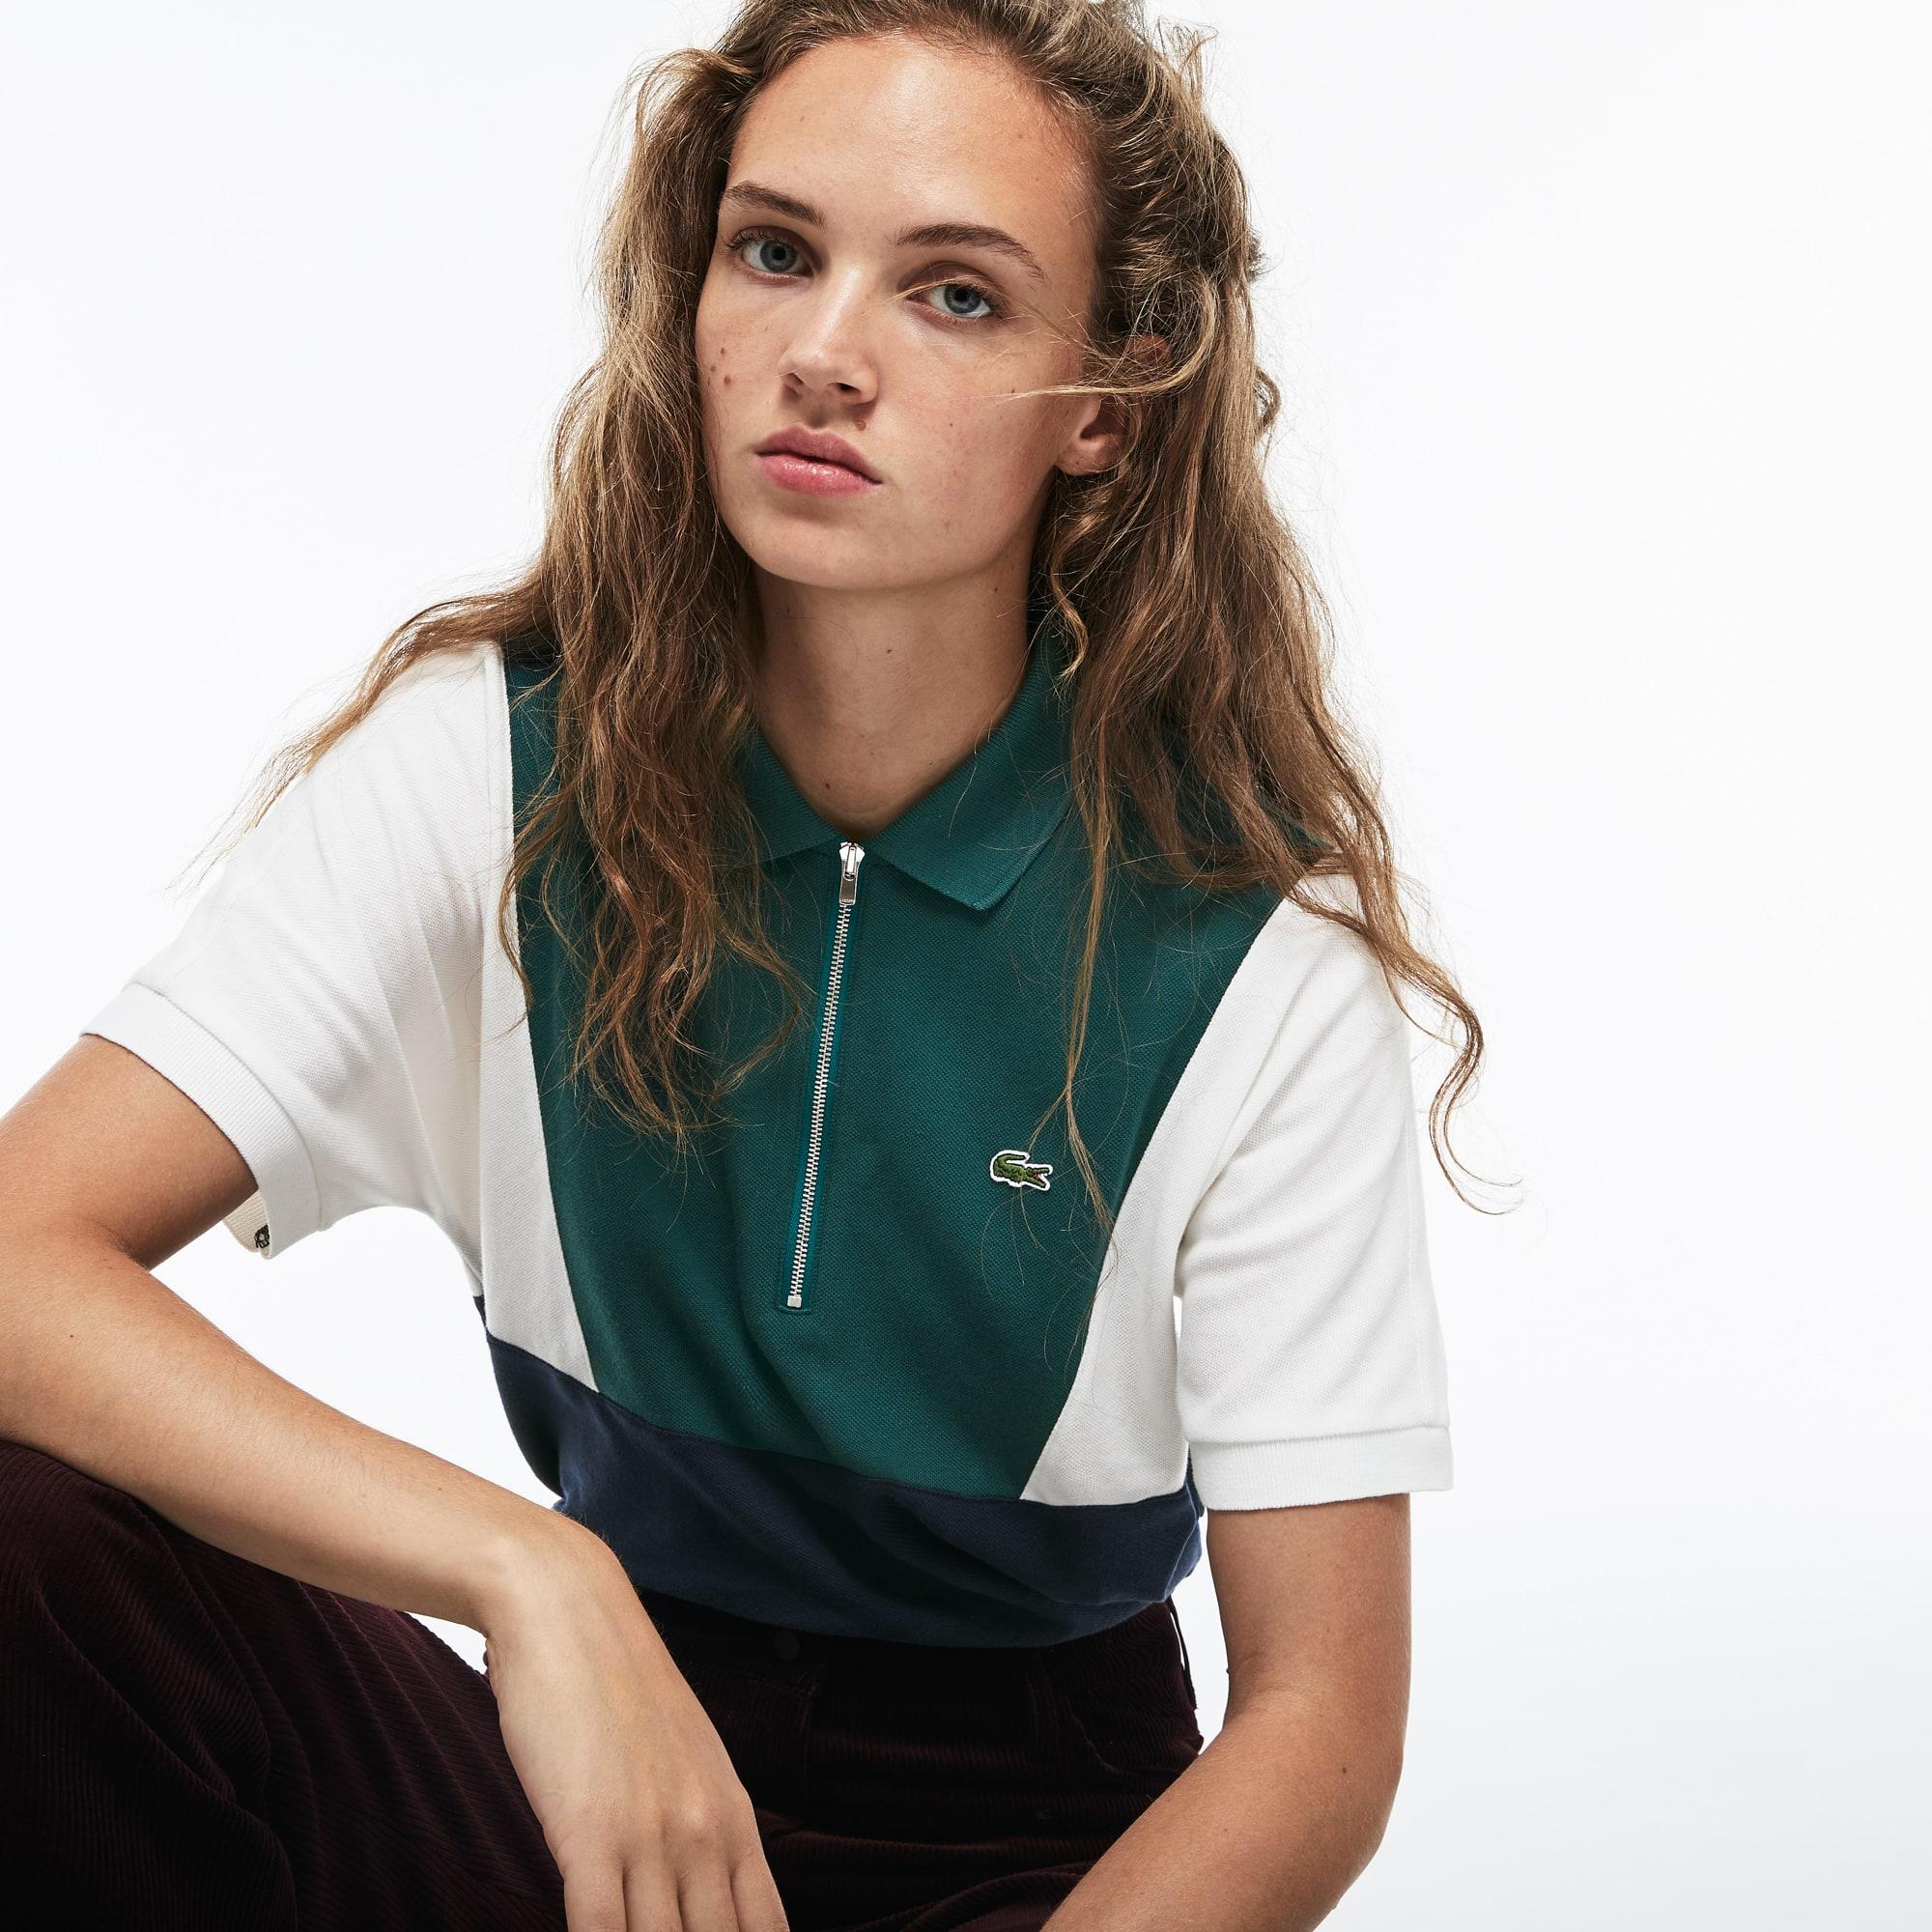 Women's Lacoste Zip Neck Colorblock Terrycloth Piqué Polo Shirt